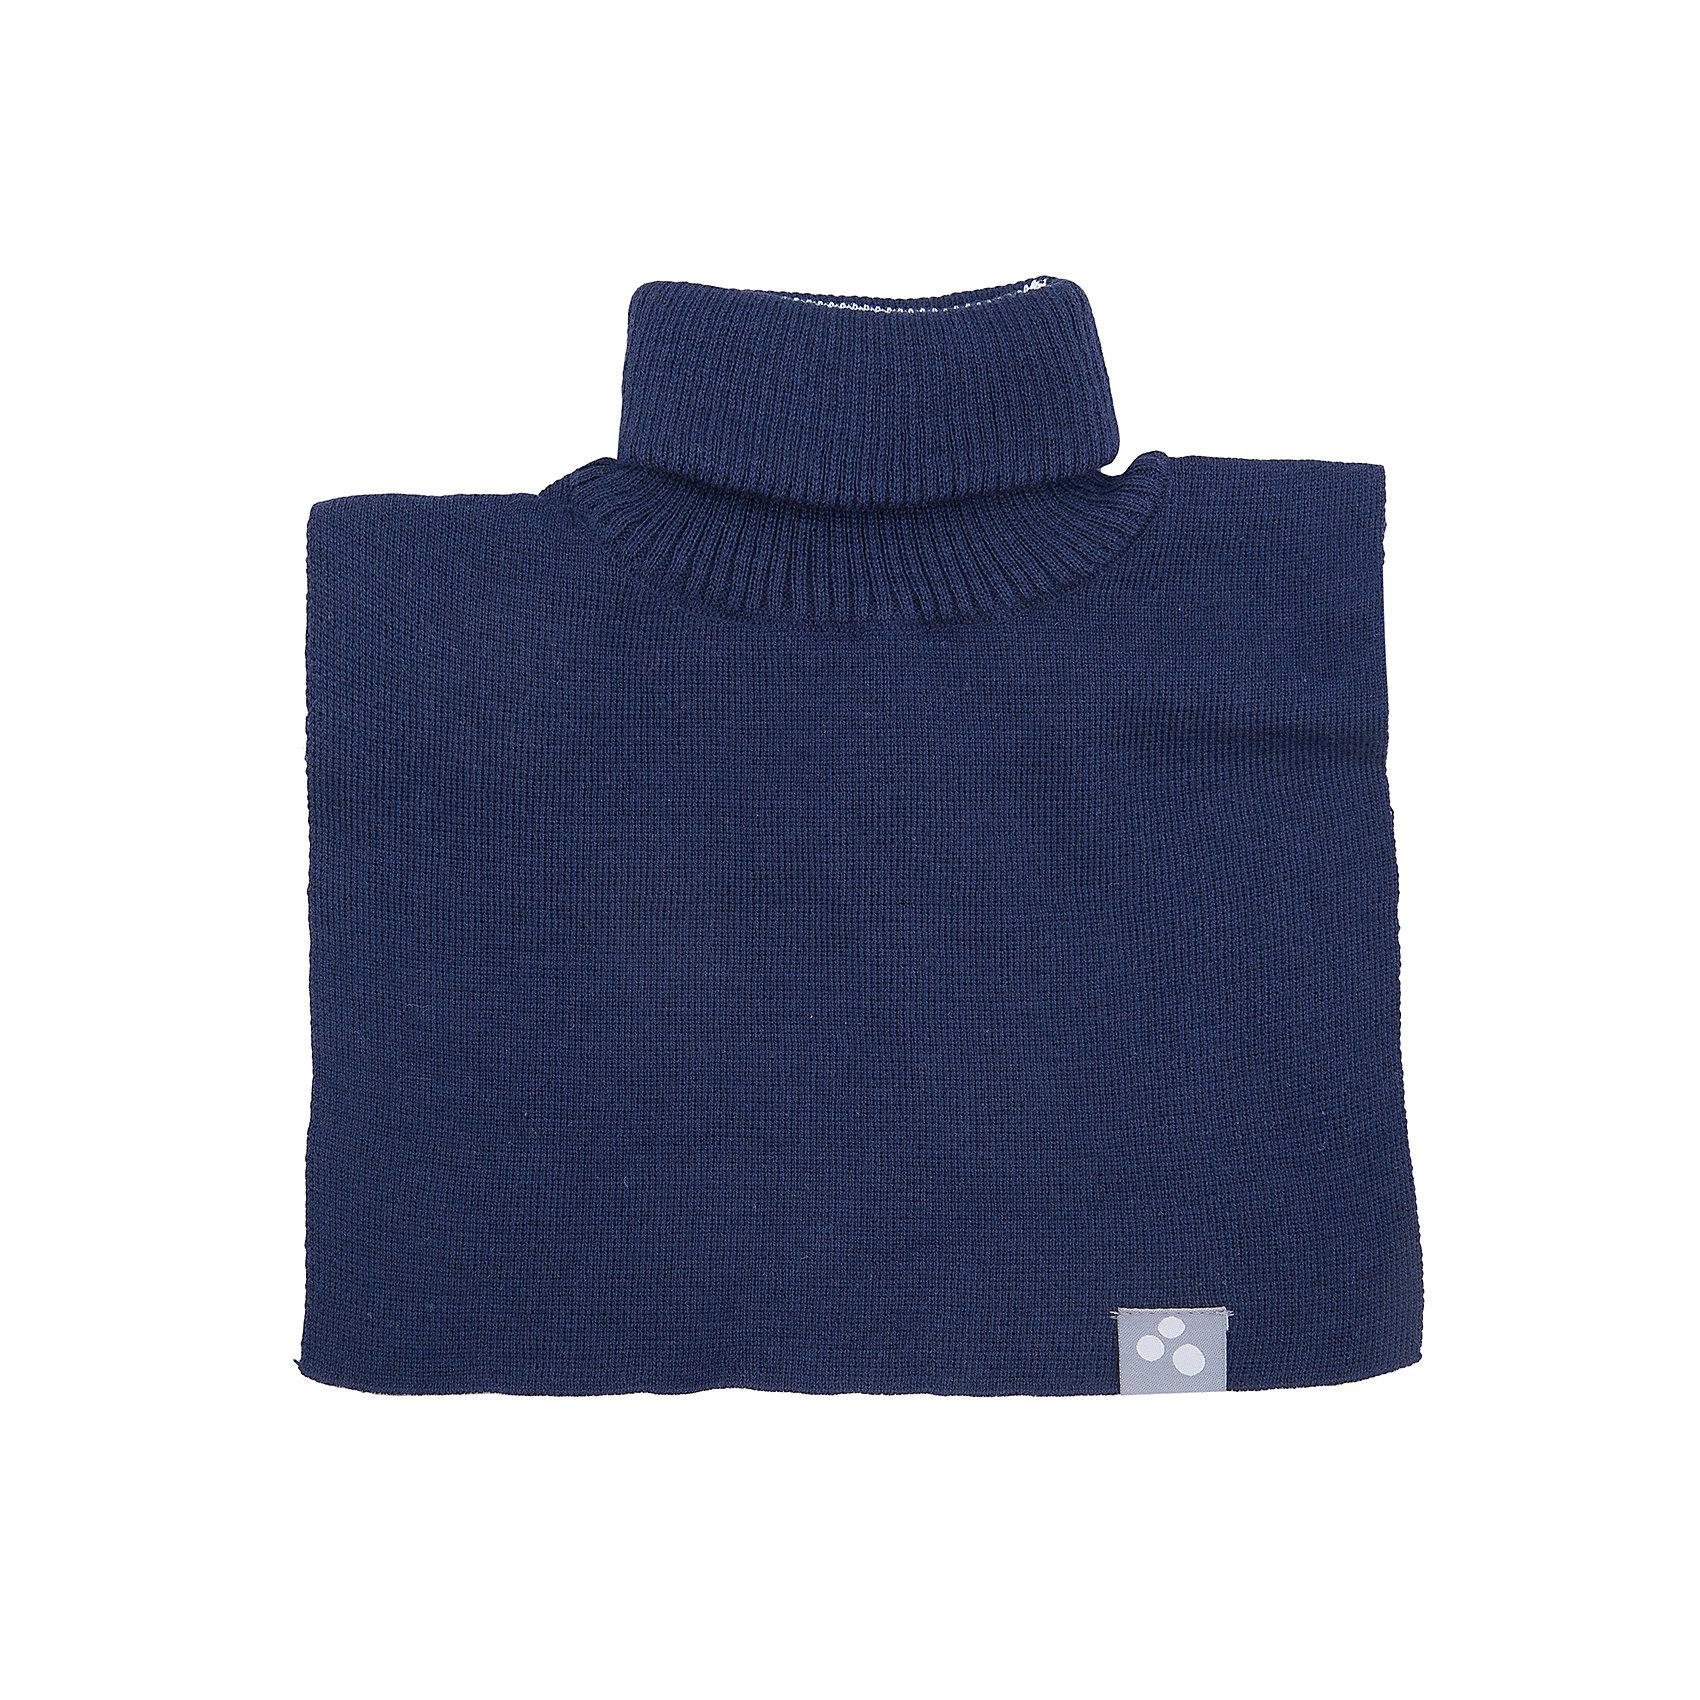 Манишка Huppa CoraШарфы, платки<br>Манишка CORA Huppa(Хуппа) - вязаный воротник, изготовленный из шерсти мериноса и акрила с подкладкой из флиса. Он надежно защитит шею ребенка от мороза и ветра. Этот шарф ребенок с радостью наденет самостоятельно.<br><br>Дополнительная информация:<br>Материал: 50% шерсть мериноса, 50% акрил<br>Подкладка : хлопок<br>Цвет: темно-синий<br><br>Манишку CORA Huppa(Хуппа) можно приобрести в нашем интернет-магазине.<br><br>Ширина мм: 88<br>Глубина мм: 155<br>Высота мм: 26<br>Вес г: 106<br>Цвет: синий<br>Возраст от месяцев: 12<br>Возраст до месяцев: 24<br>Пол: Унисекс<br>Возраст: Детский<br>Размер: 47-49,55-57<br>SKU: 4923921